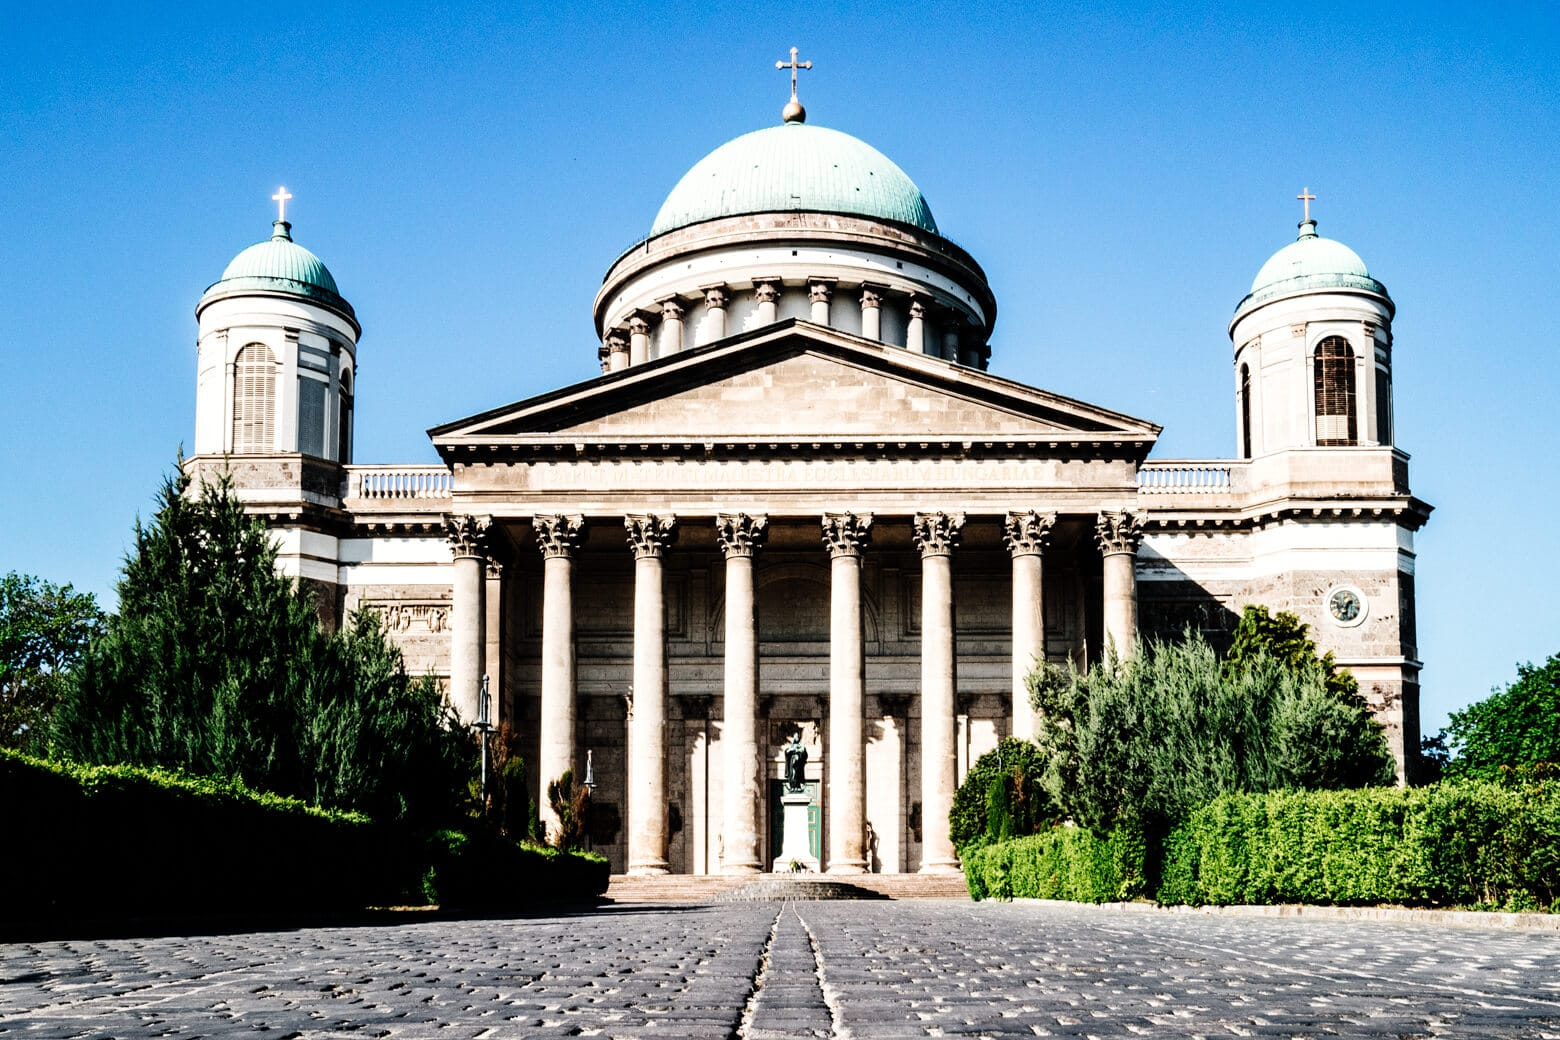 Esztergom Basilica at Szent Istvan Square